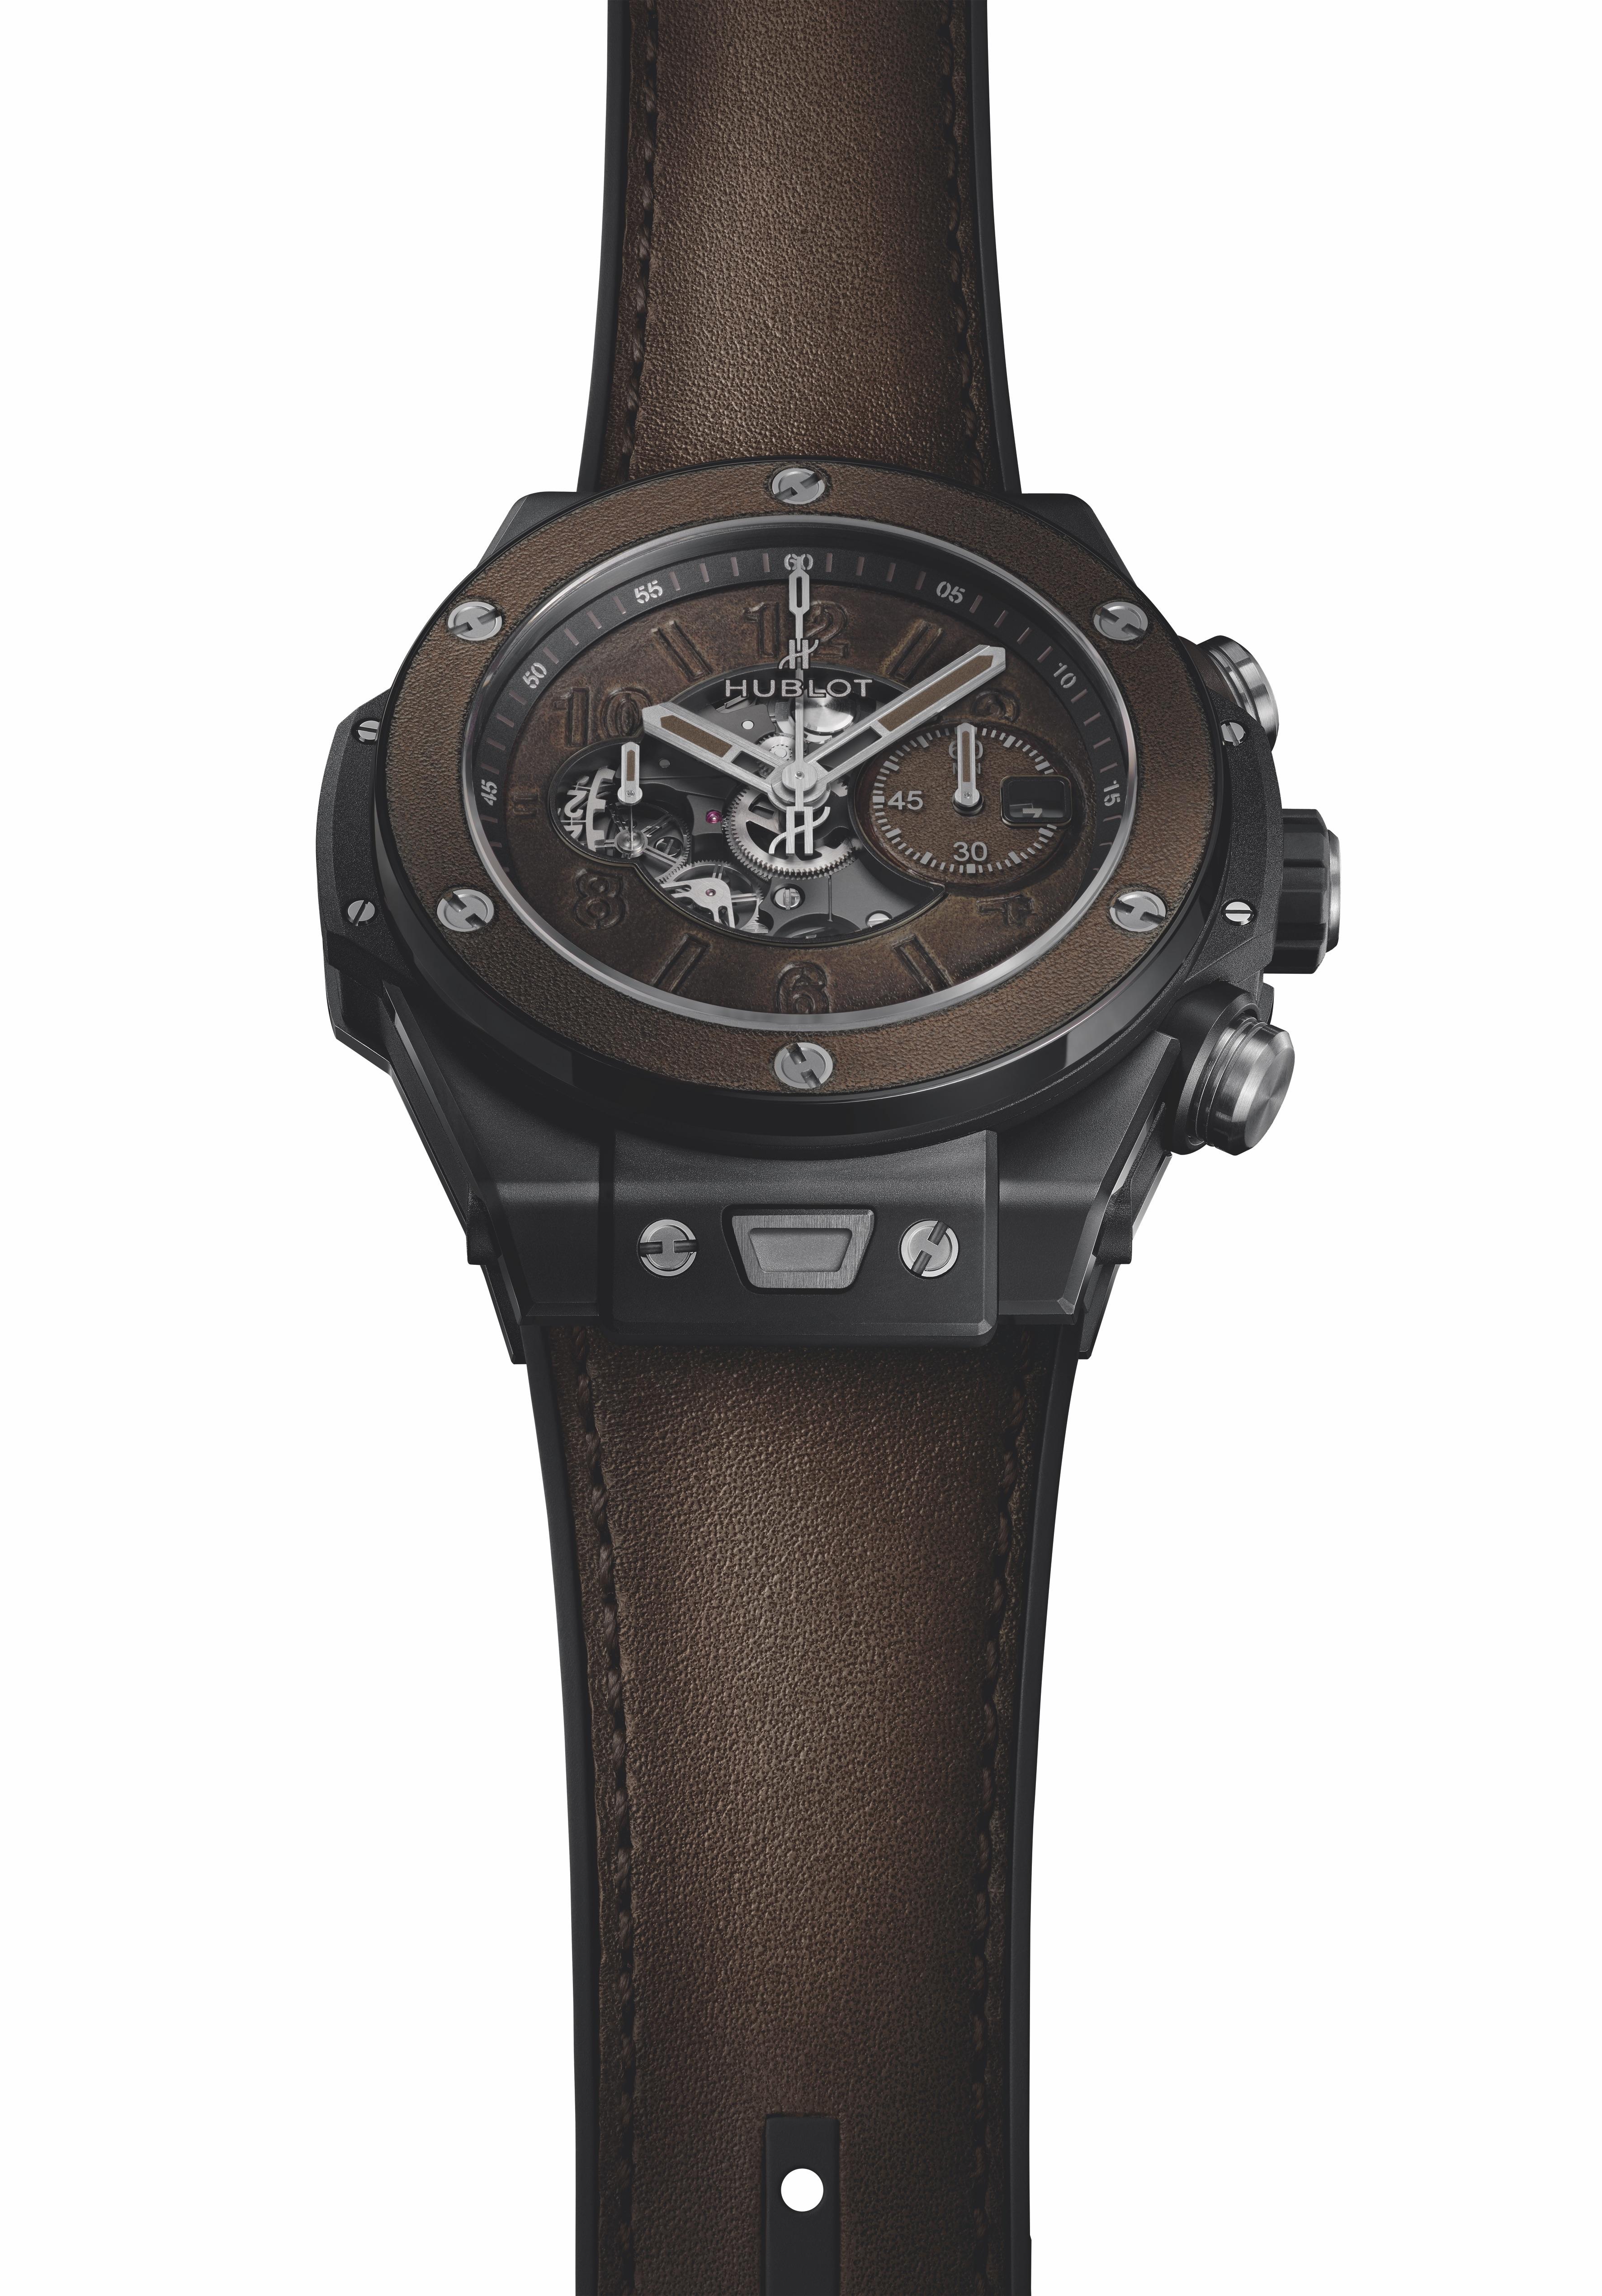 Hublot's Big Bang Unico Berluti watch.